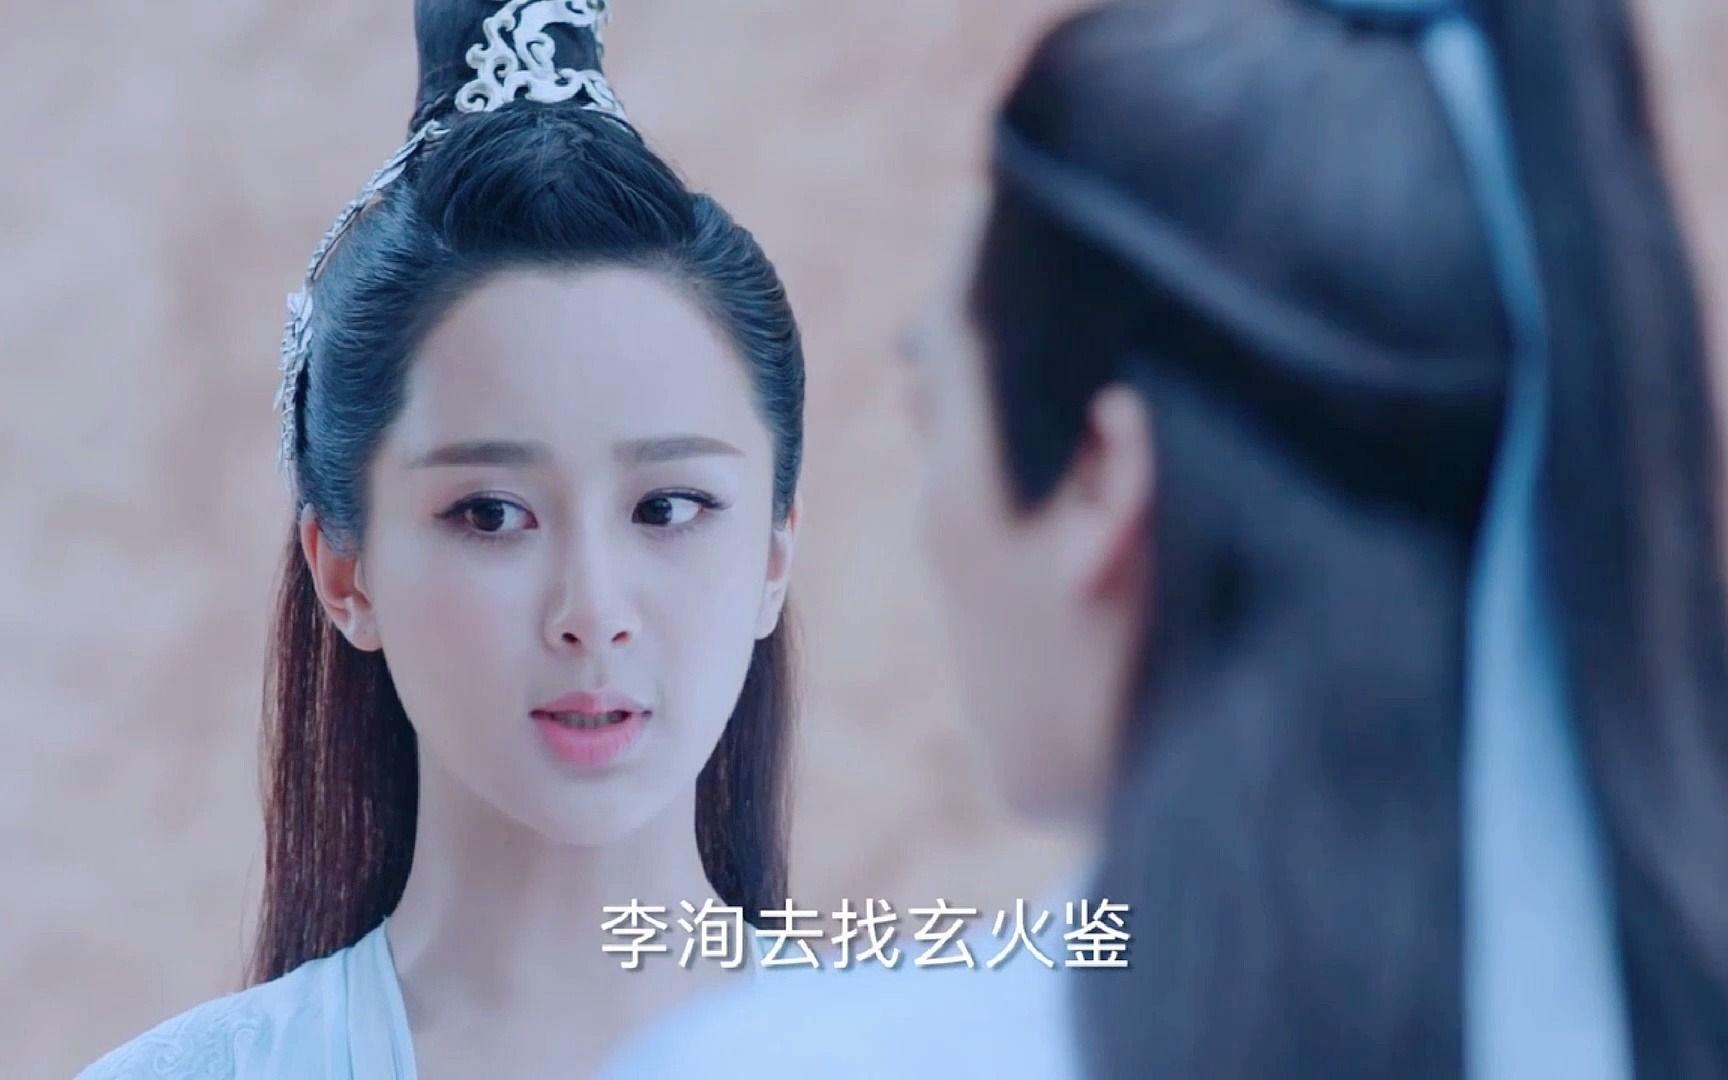 【杨紫】剧版陆雪琪cut丨解说吐槽向(四)【38-40集】